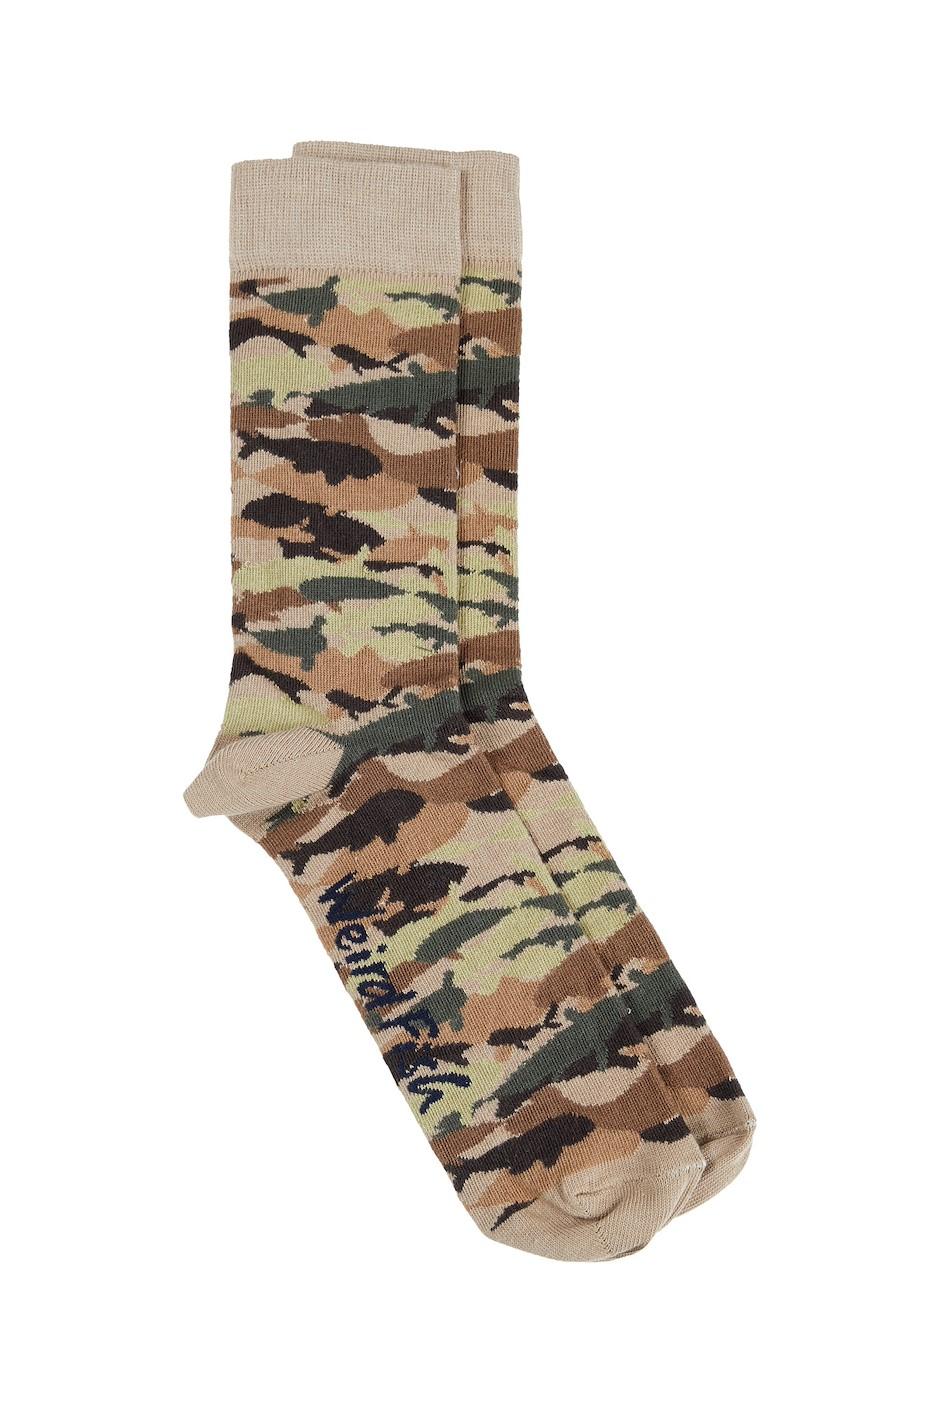 Doire Jacquard Socks Khaki Green